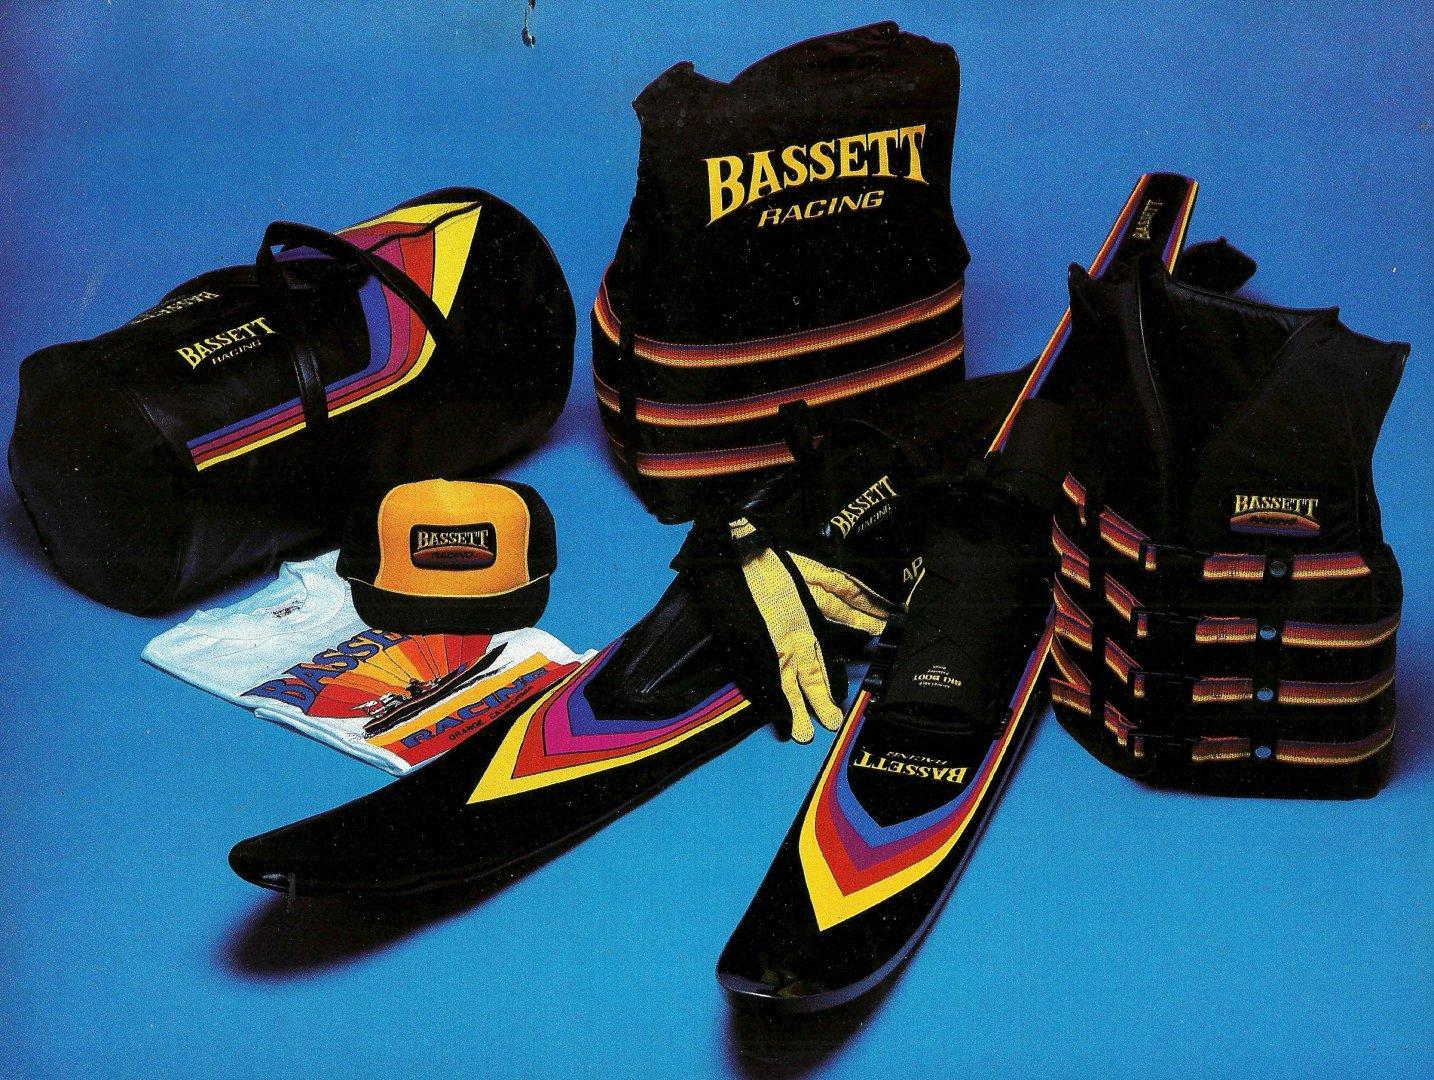 Bassett Ski Package.jpg